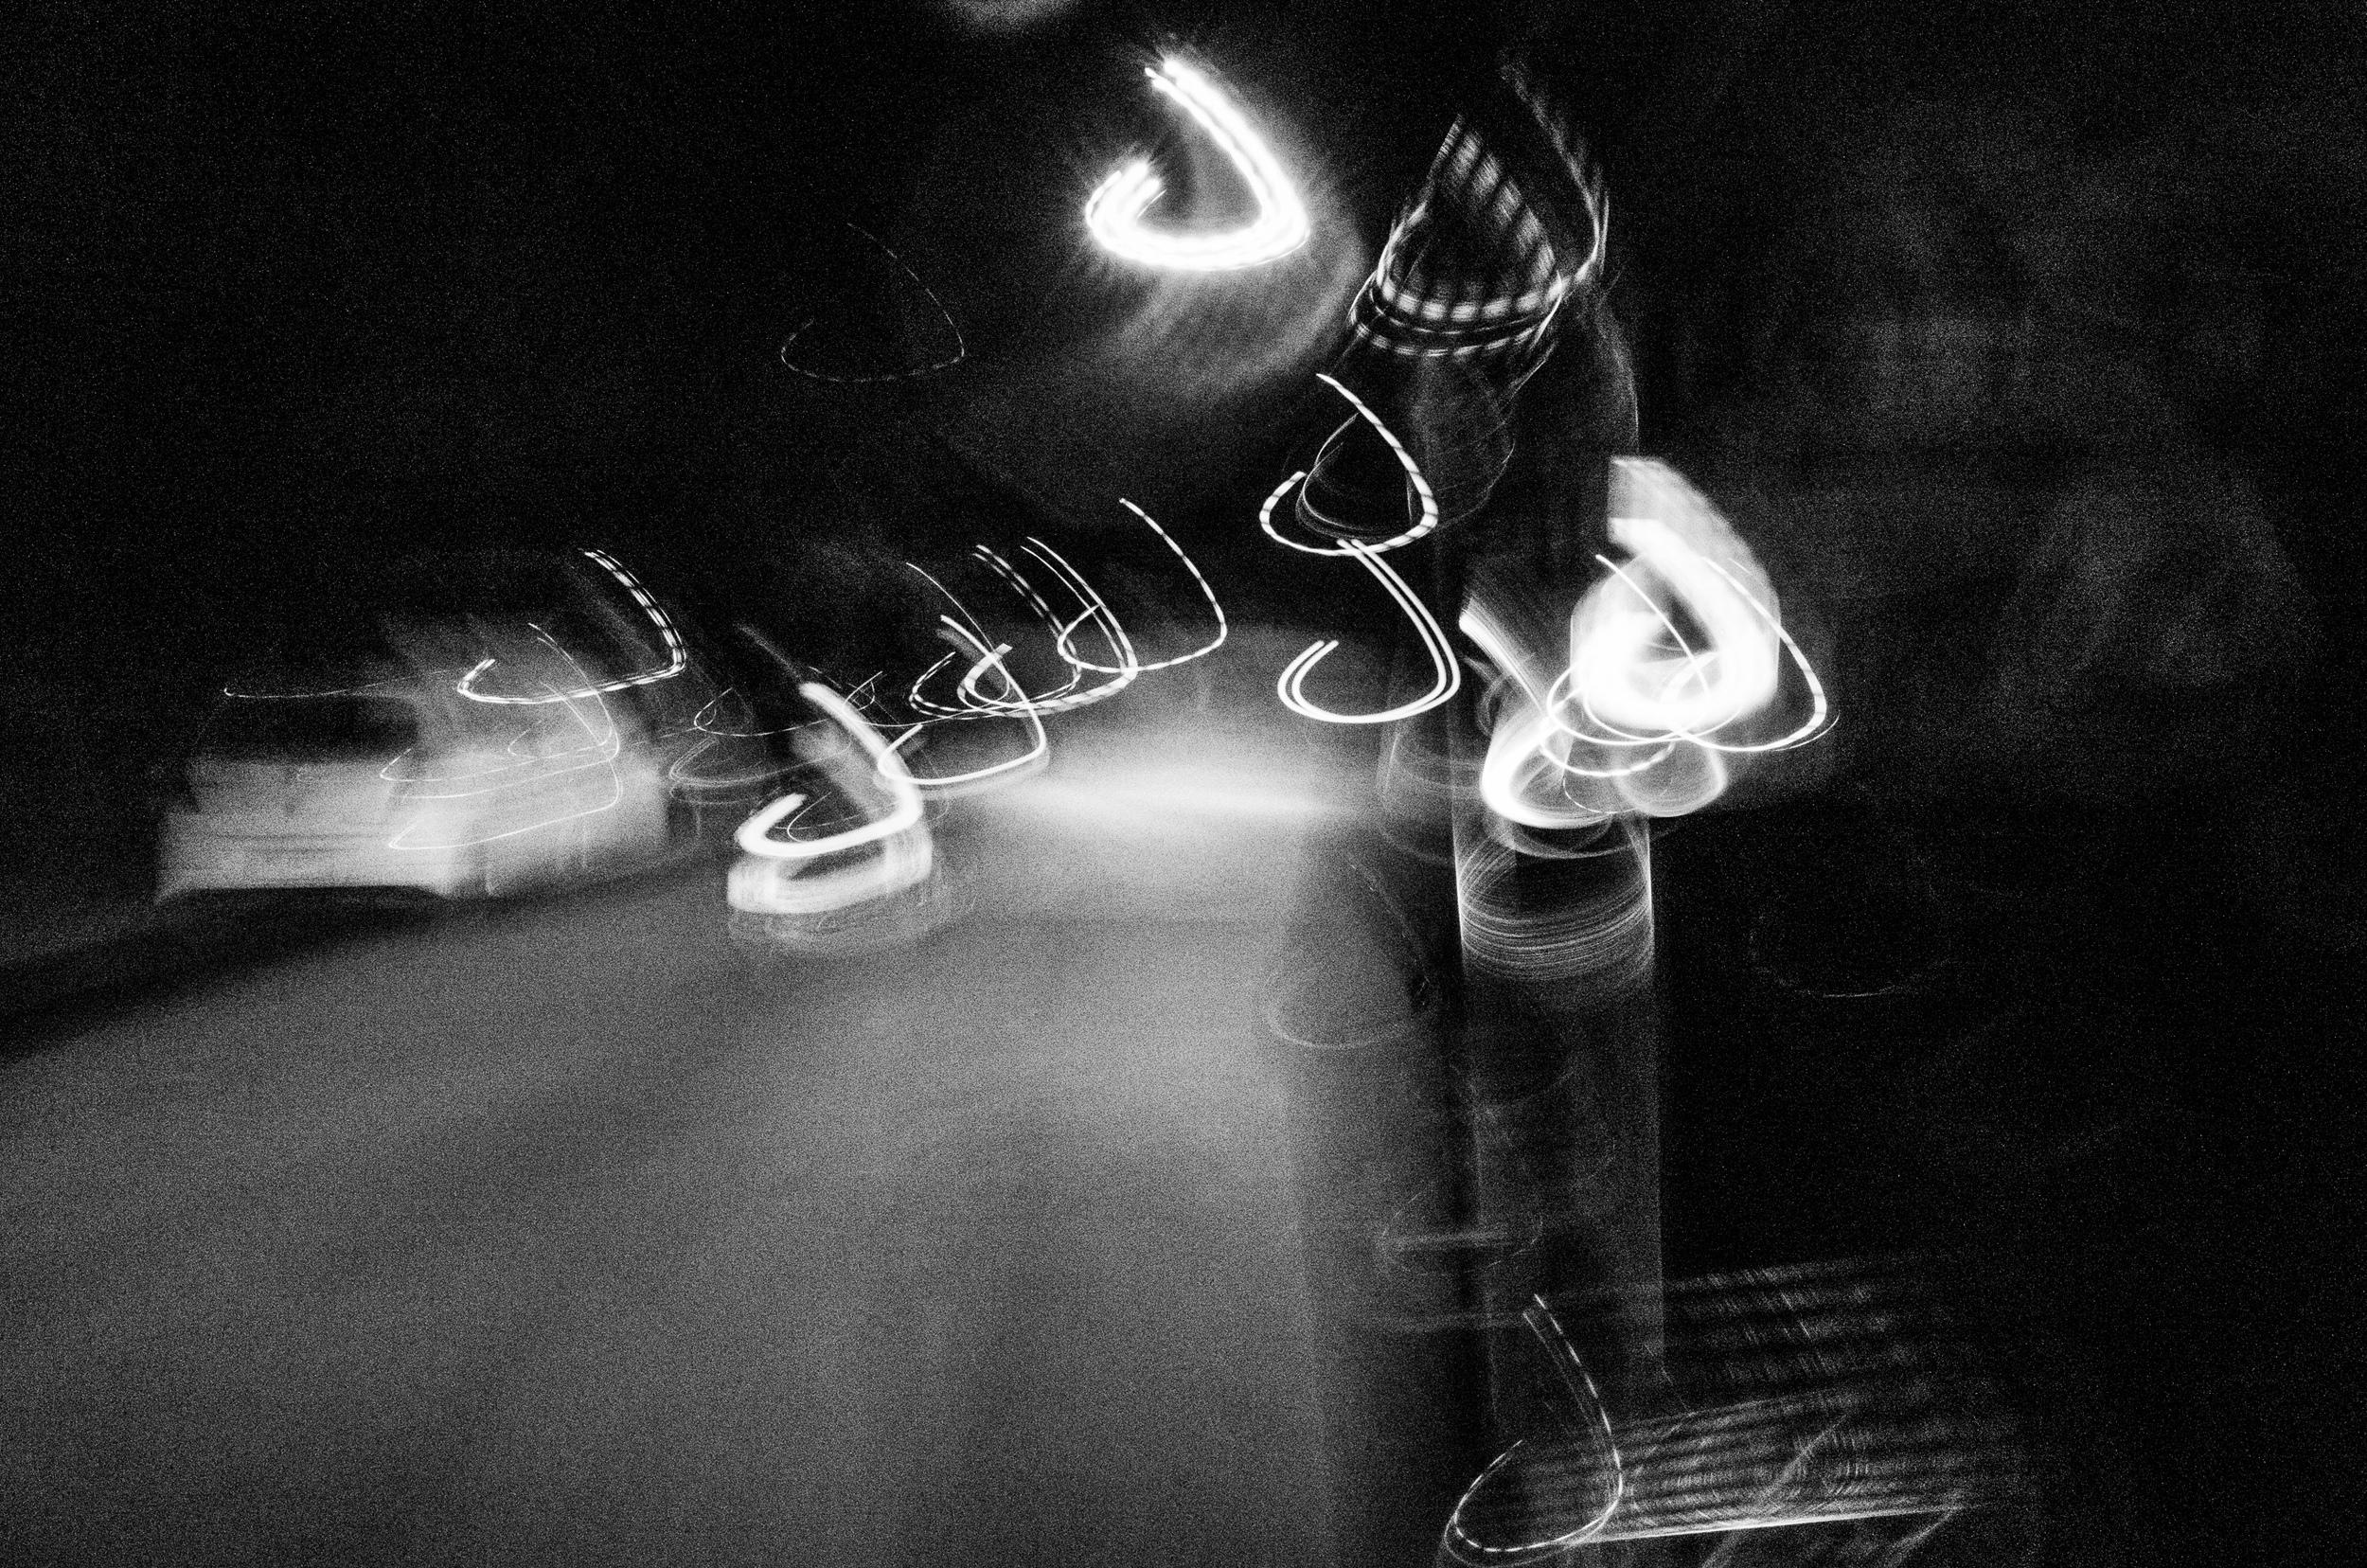 tuk-tuk-night-ride-06.jpg